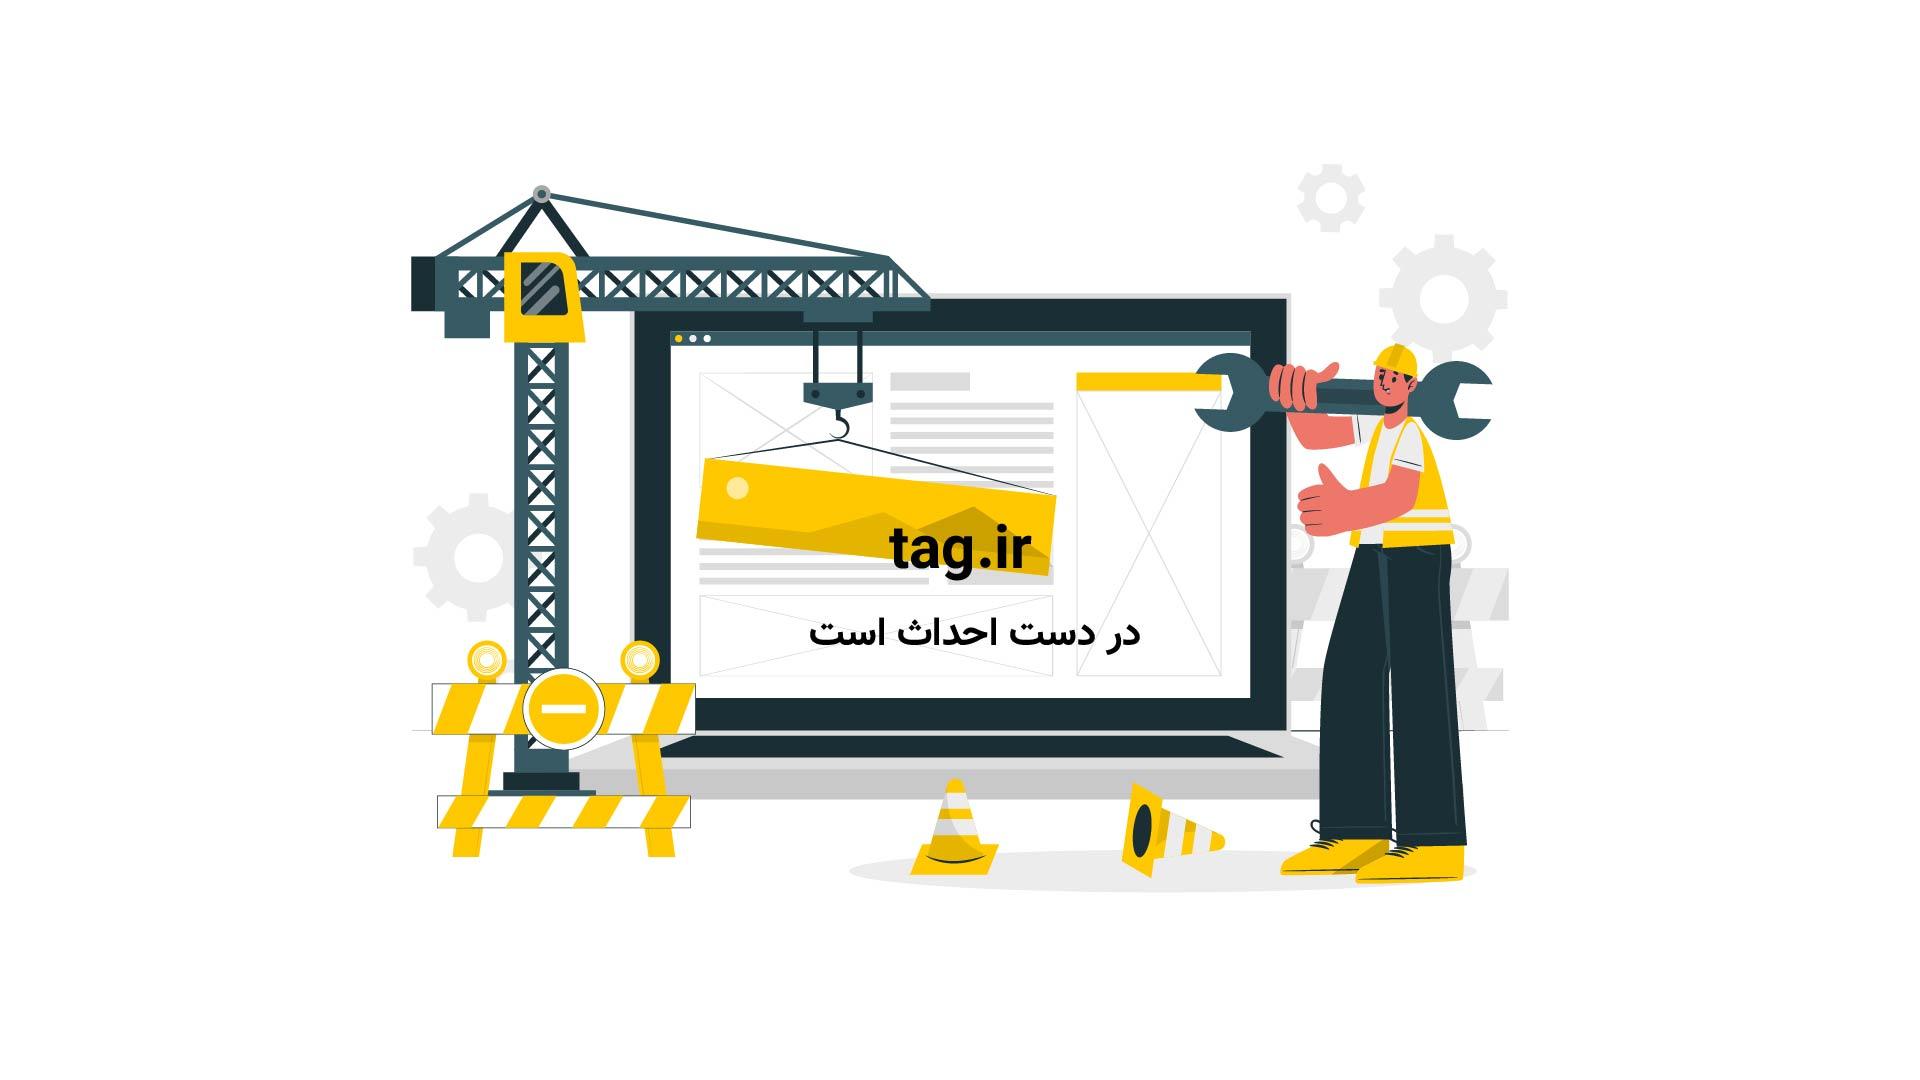 آتش افکن | تگ